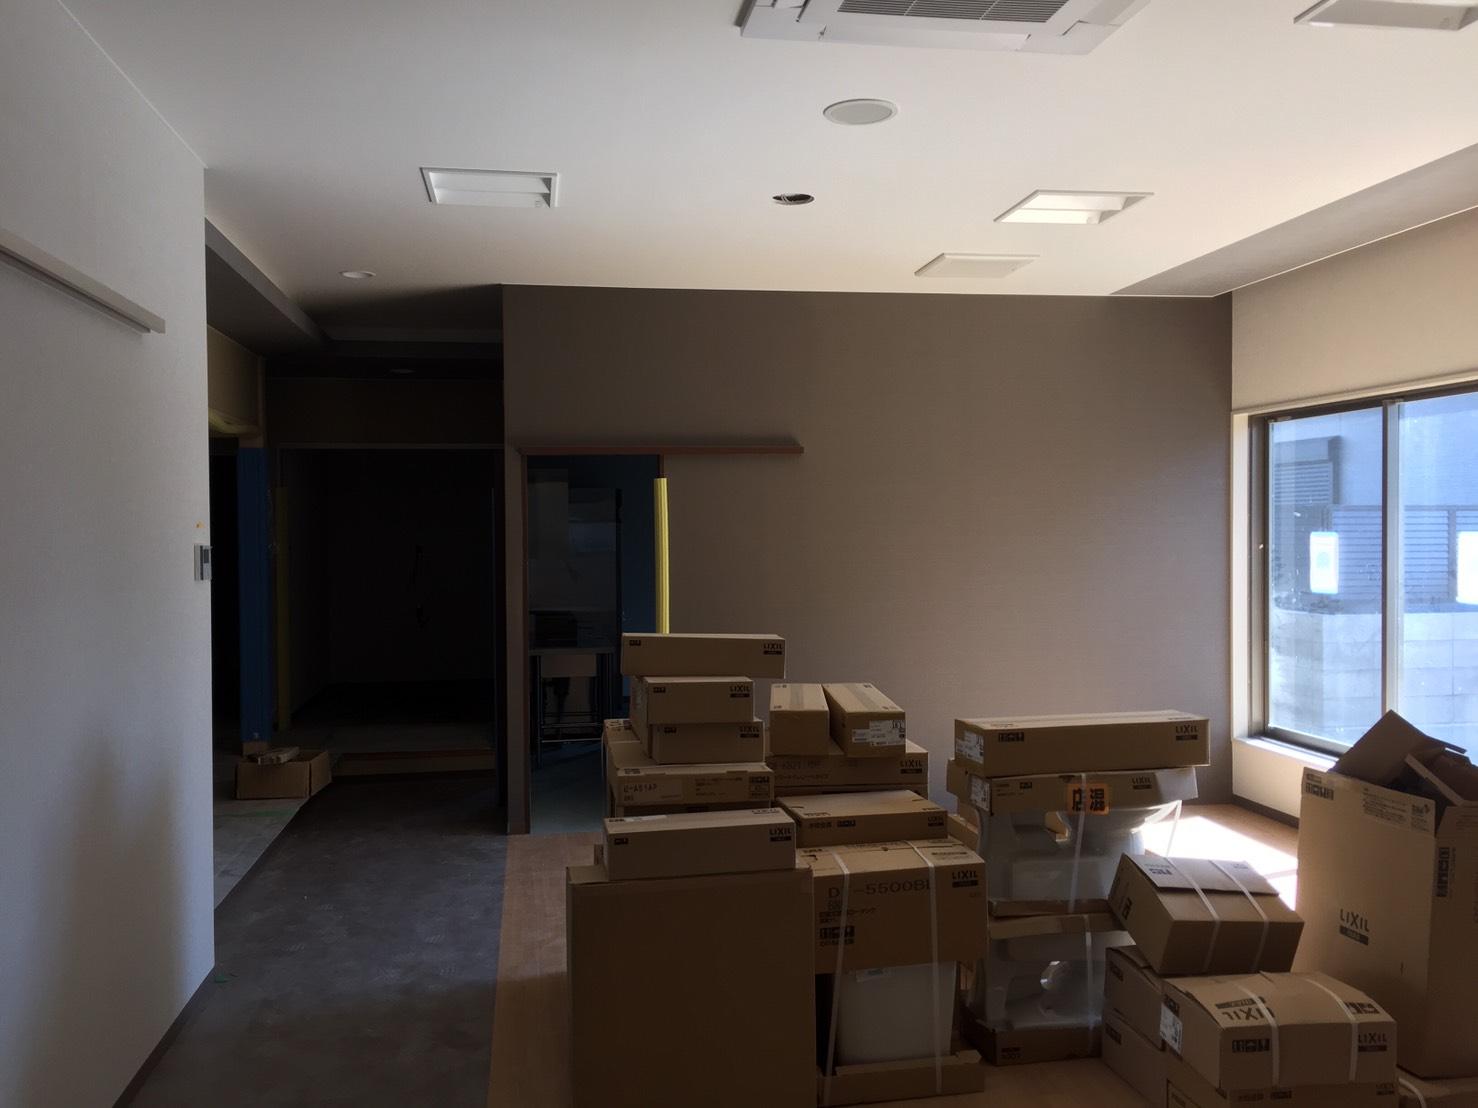 愛知県名古屋市の建築一般工事 リフォーム工事の株式会社松昇の某テナント内装工事